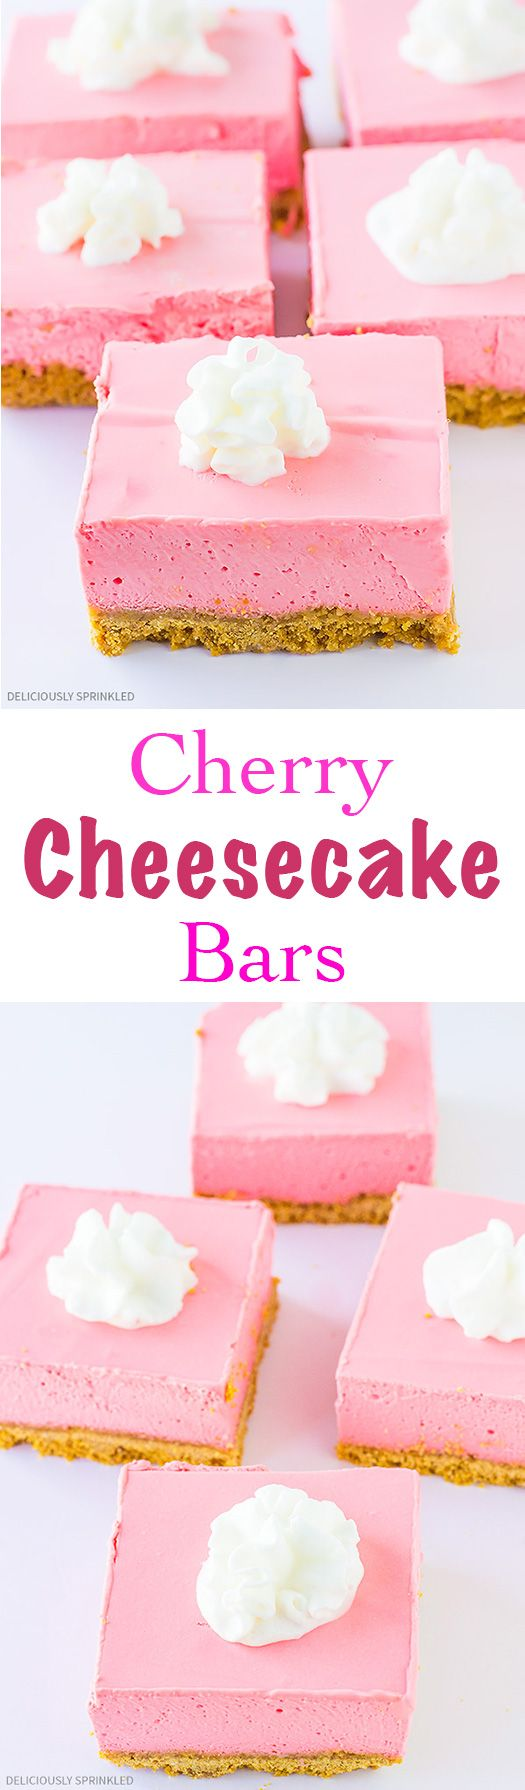 No-Bake Cherry Cheesecake Bars, perfect summer dessert!